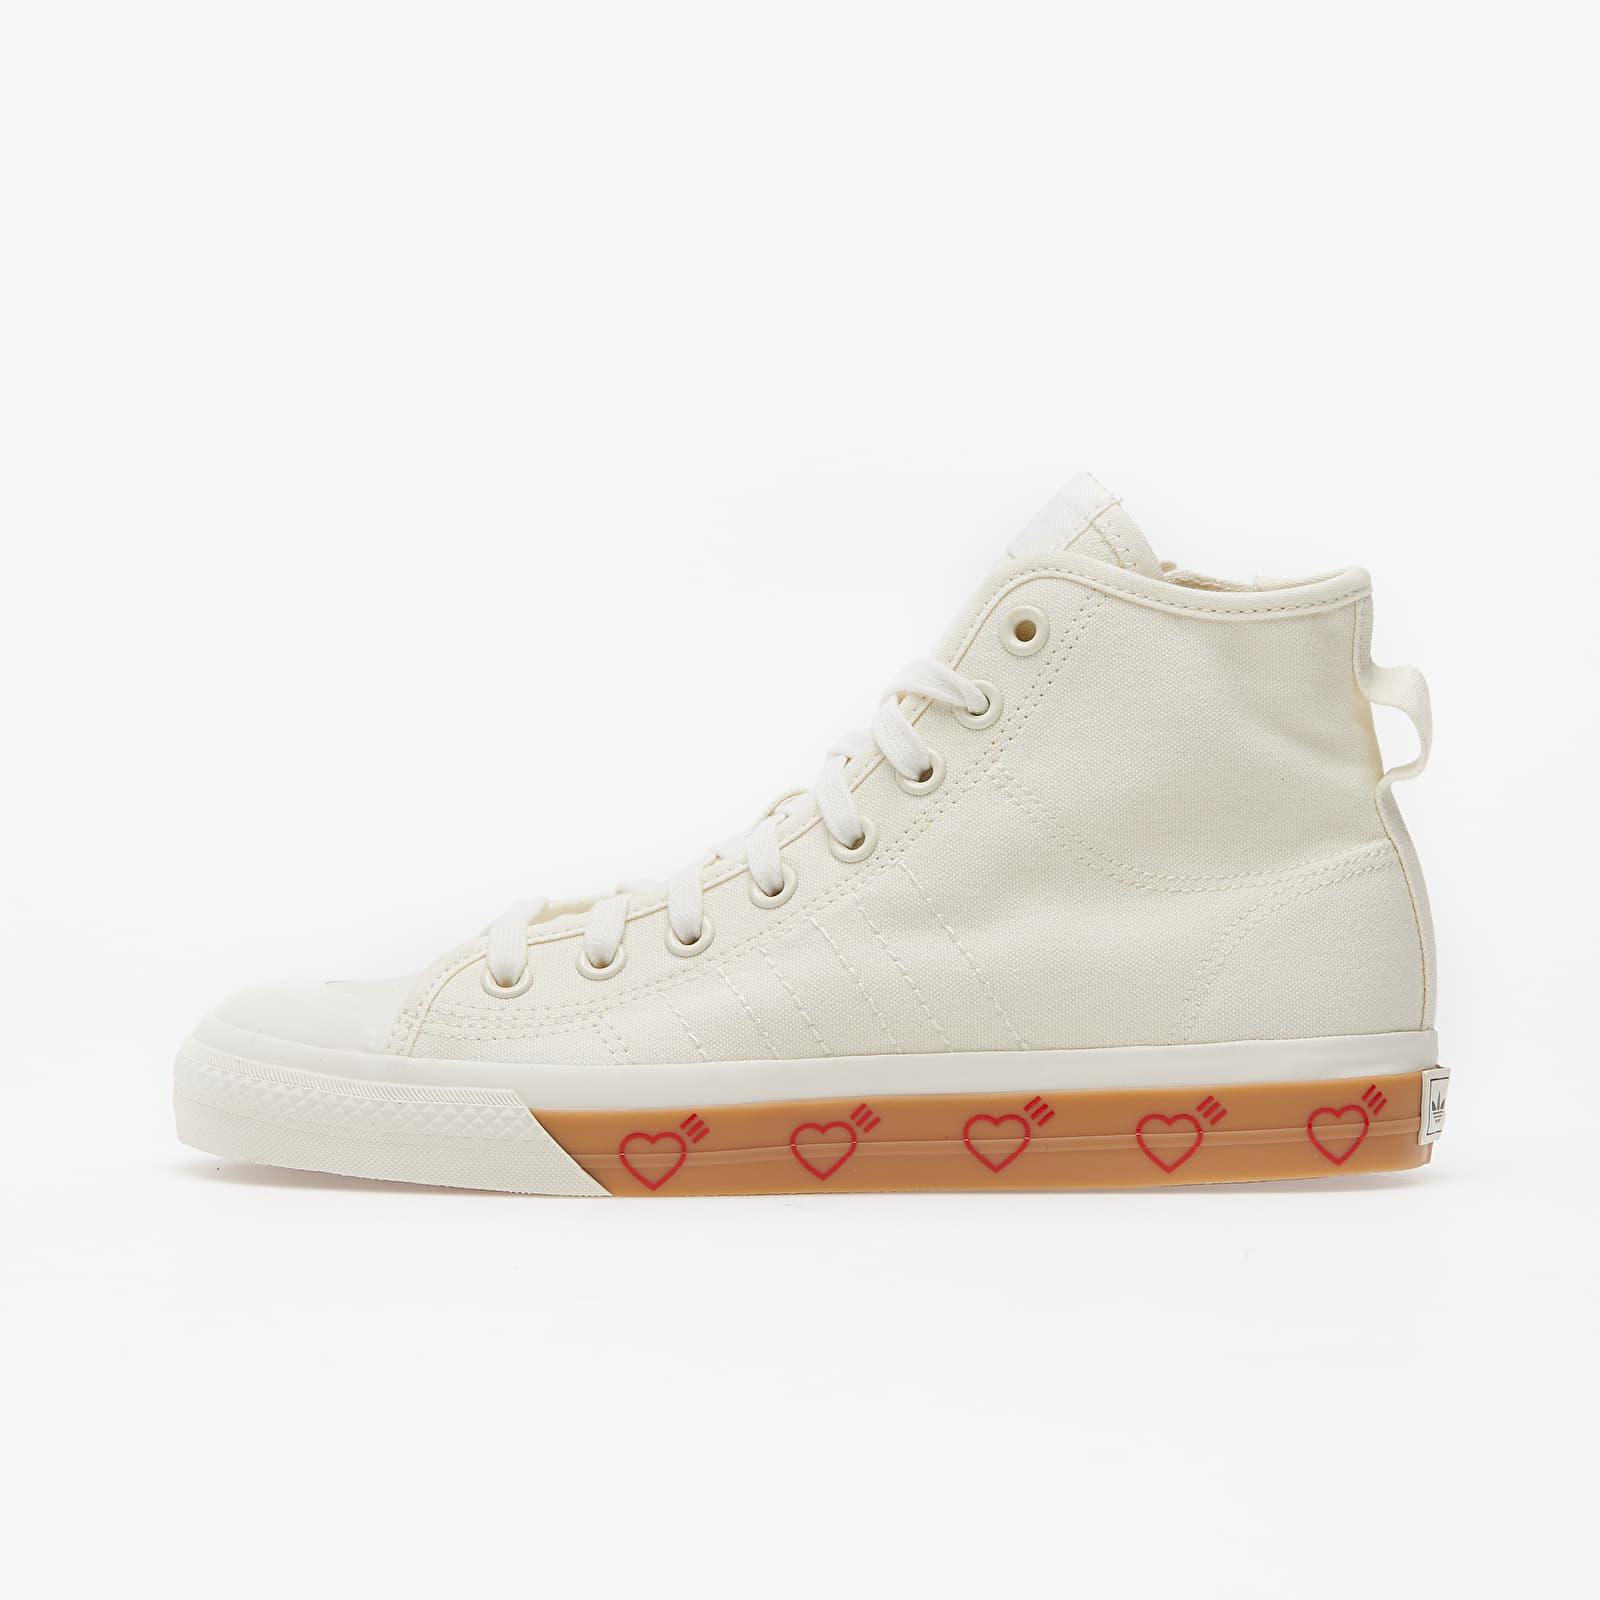 adidas Nizza Hi Human Made Off White/ Off White/ Off White EUR 47 1/3